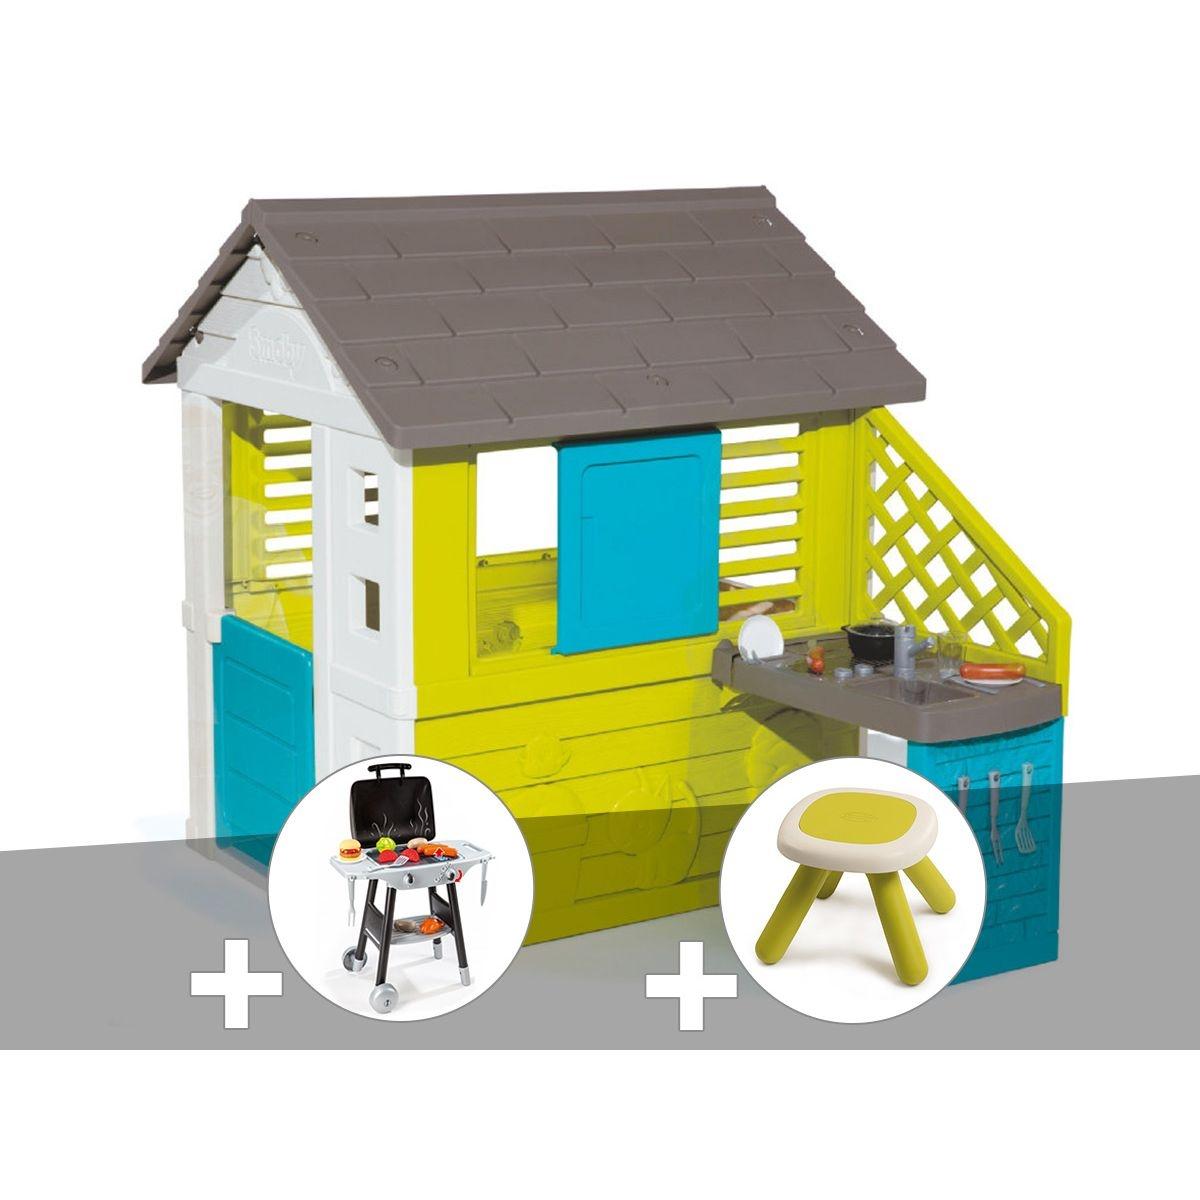 Cabane enfant Pretty + Cuisine d'été - Smoby + Plancha + Tabouret